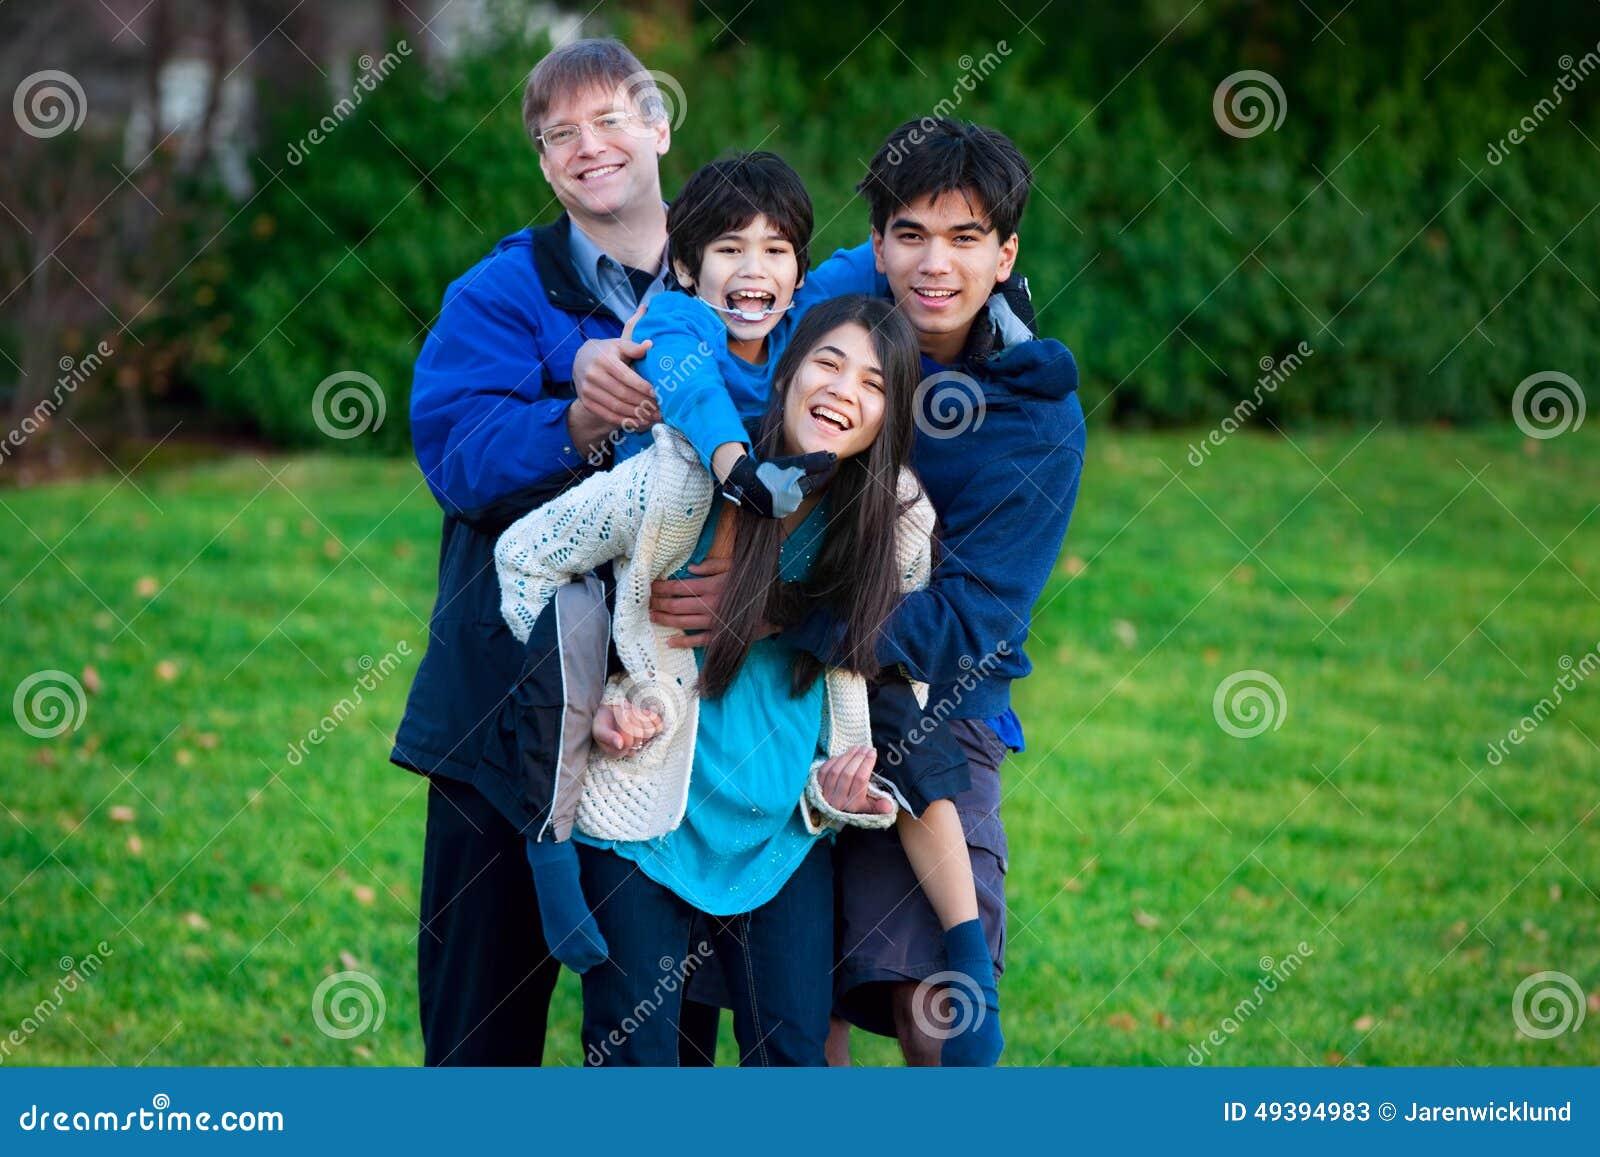 Неработающие biracial автожелезнодорожные перевозки на его сестре, семья катания ребенка